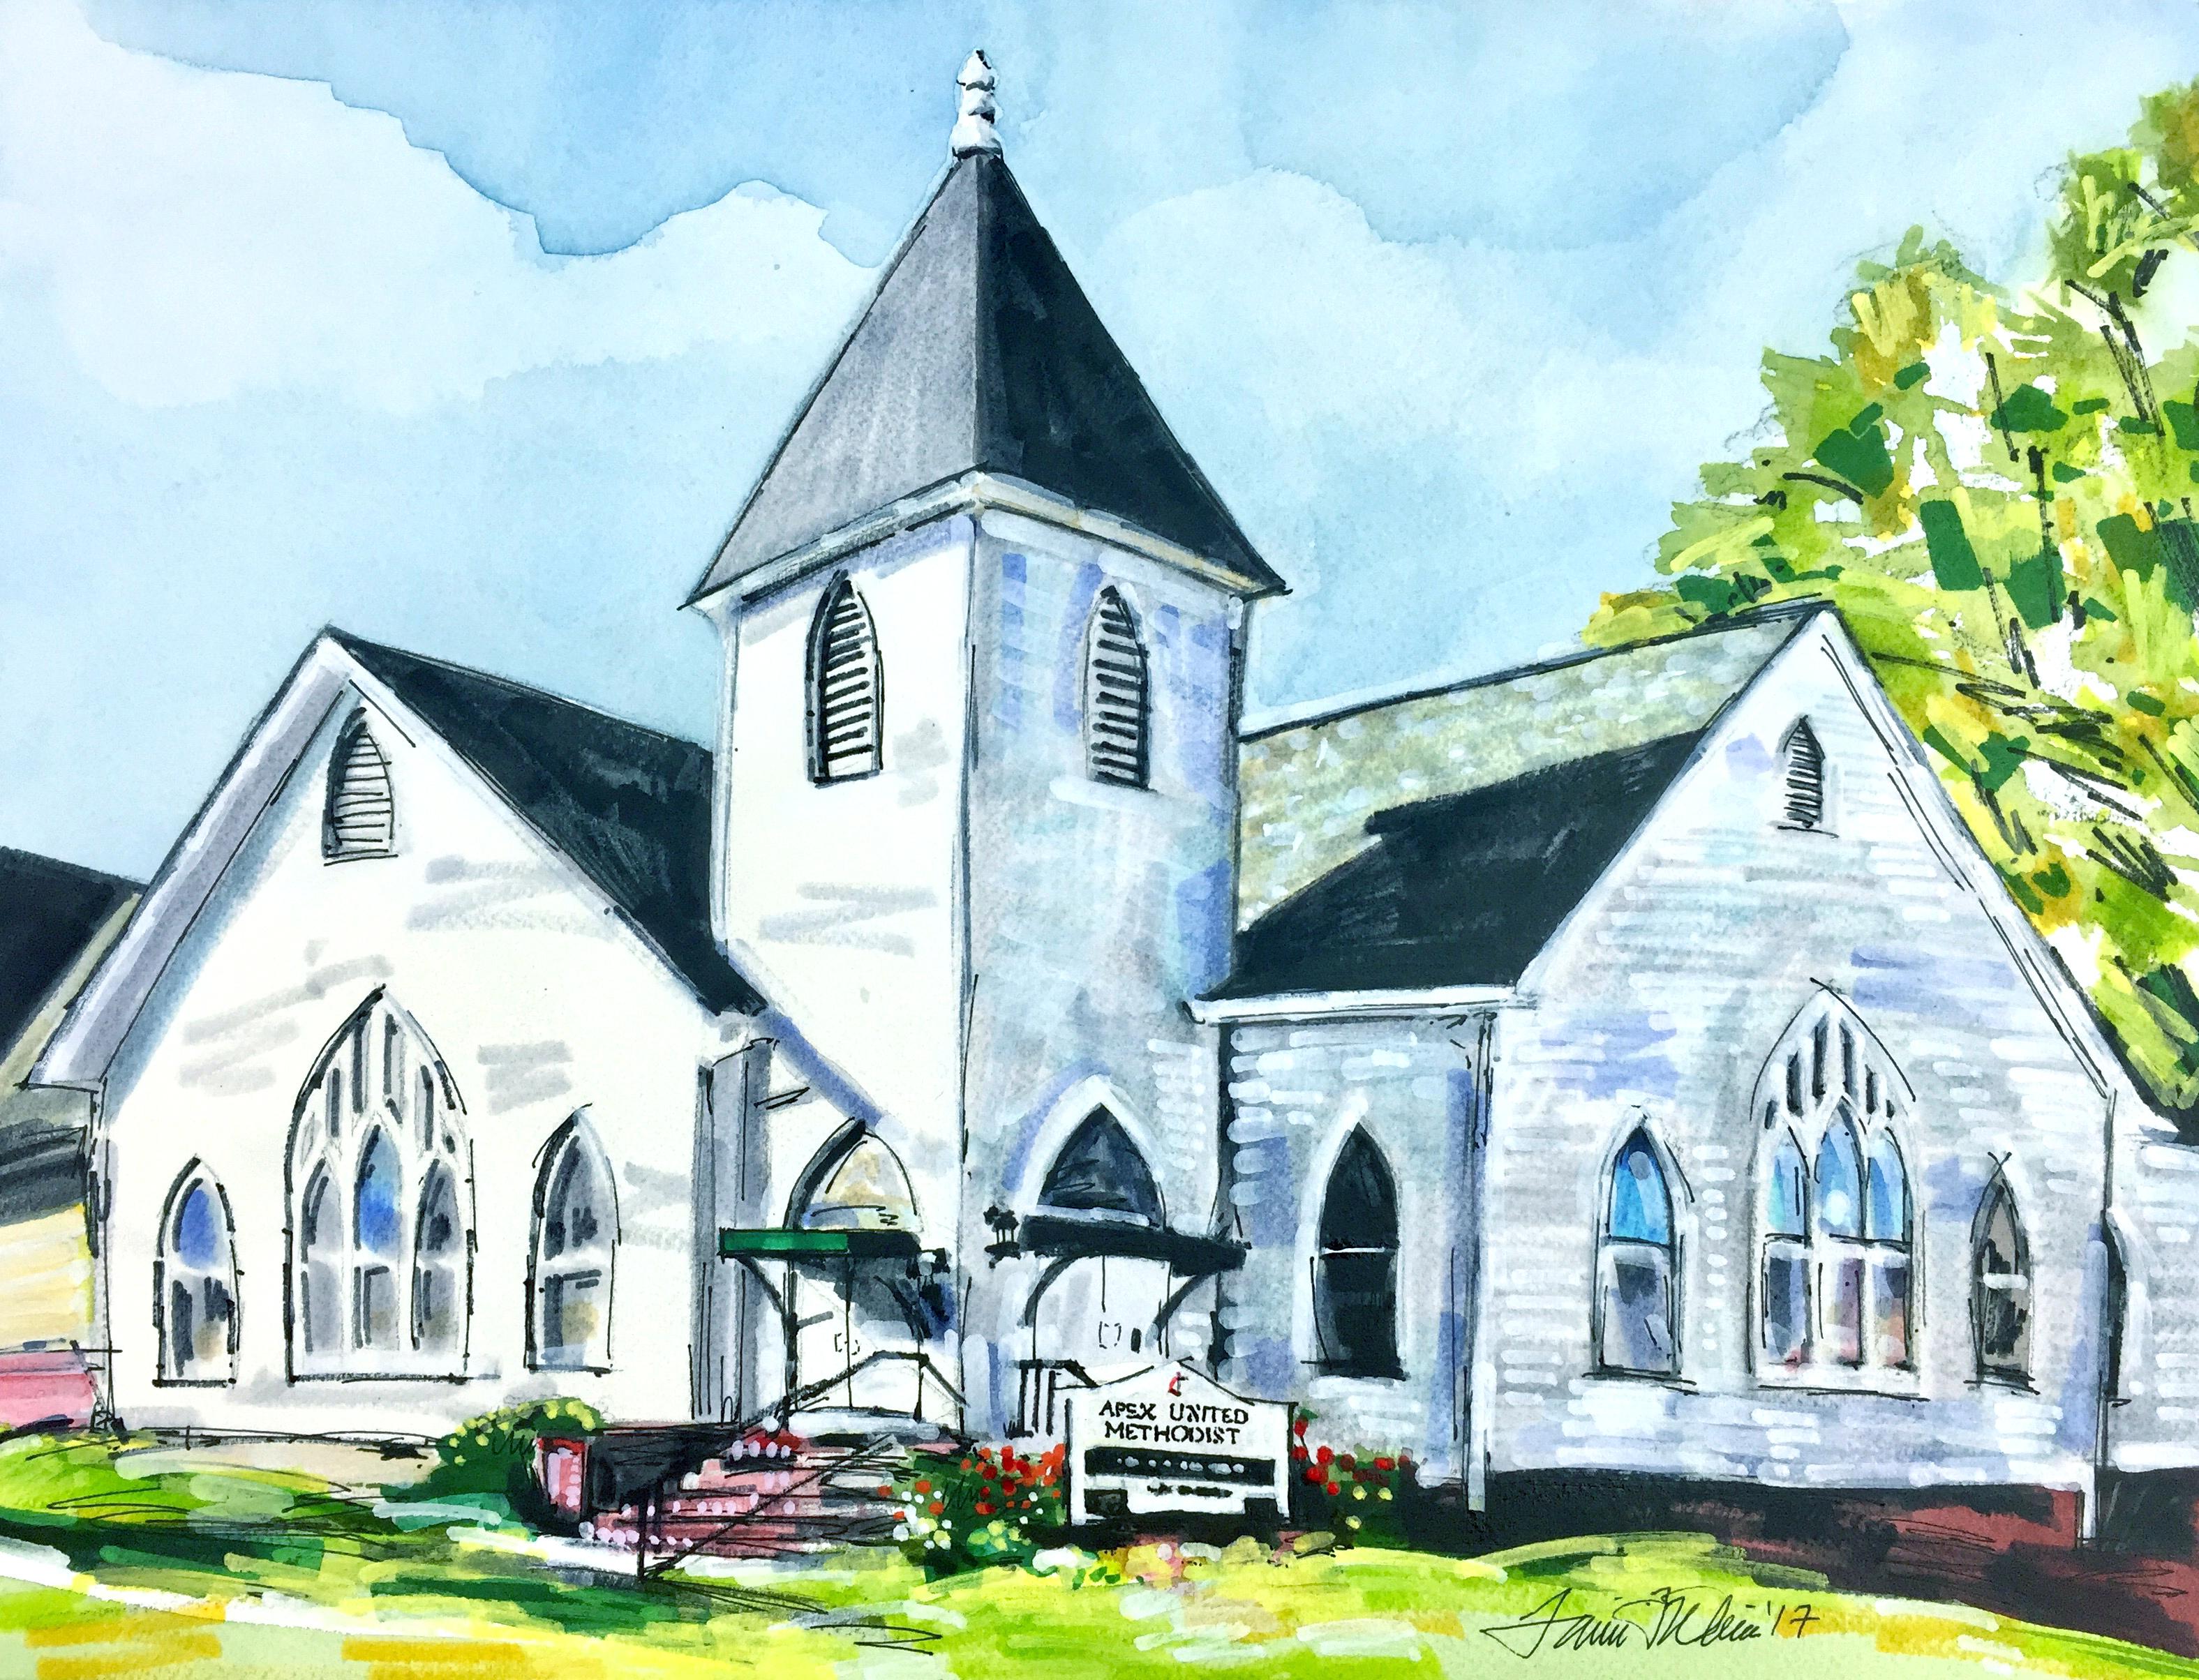 Apex United Methodist